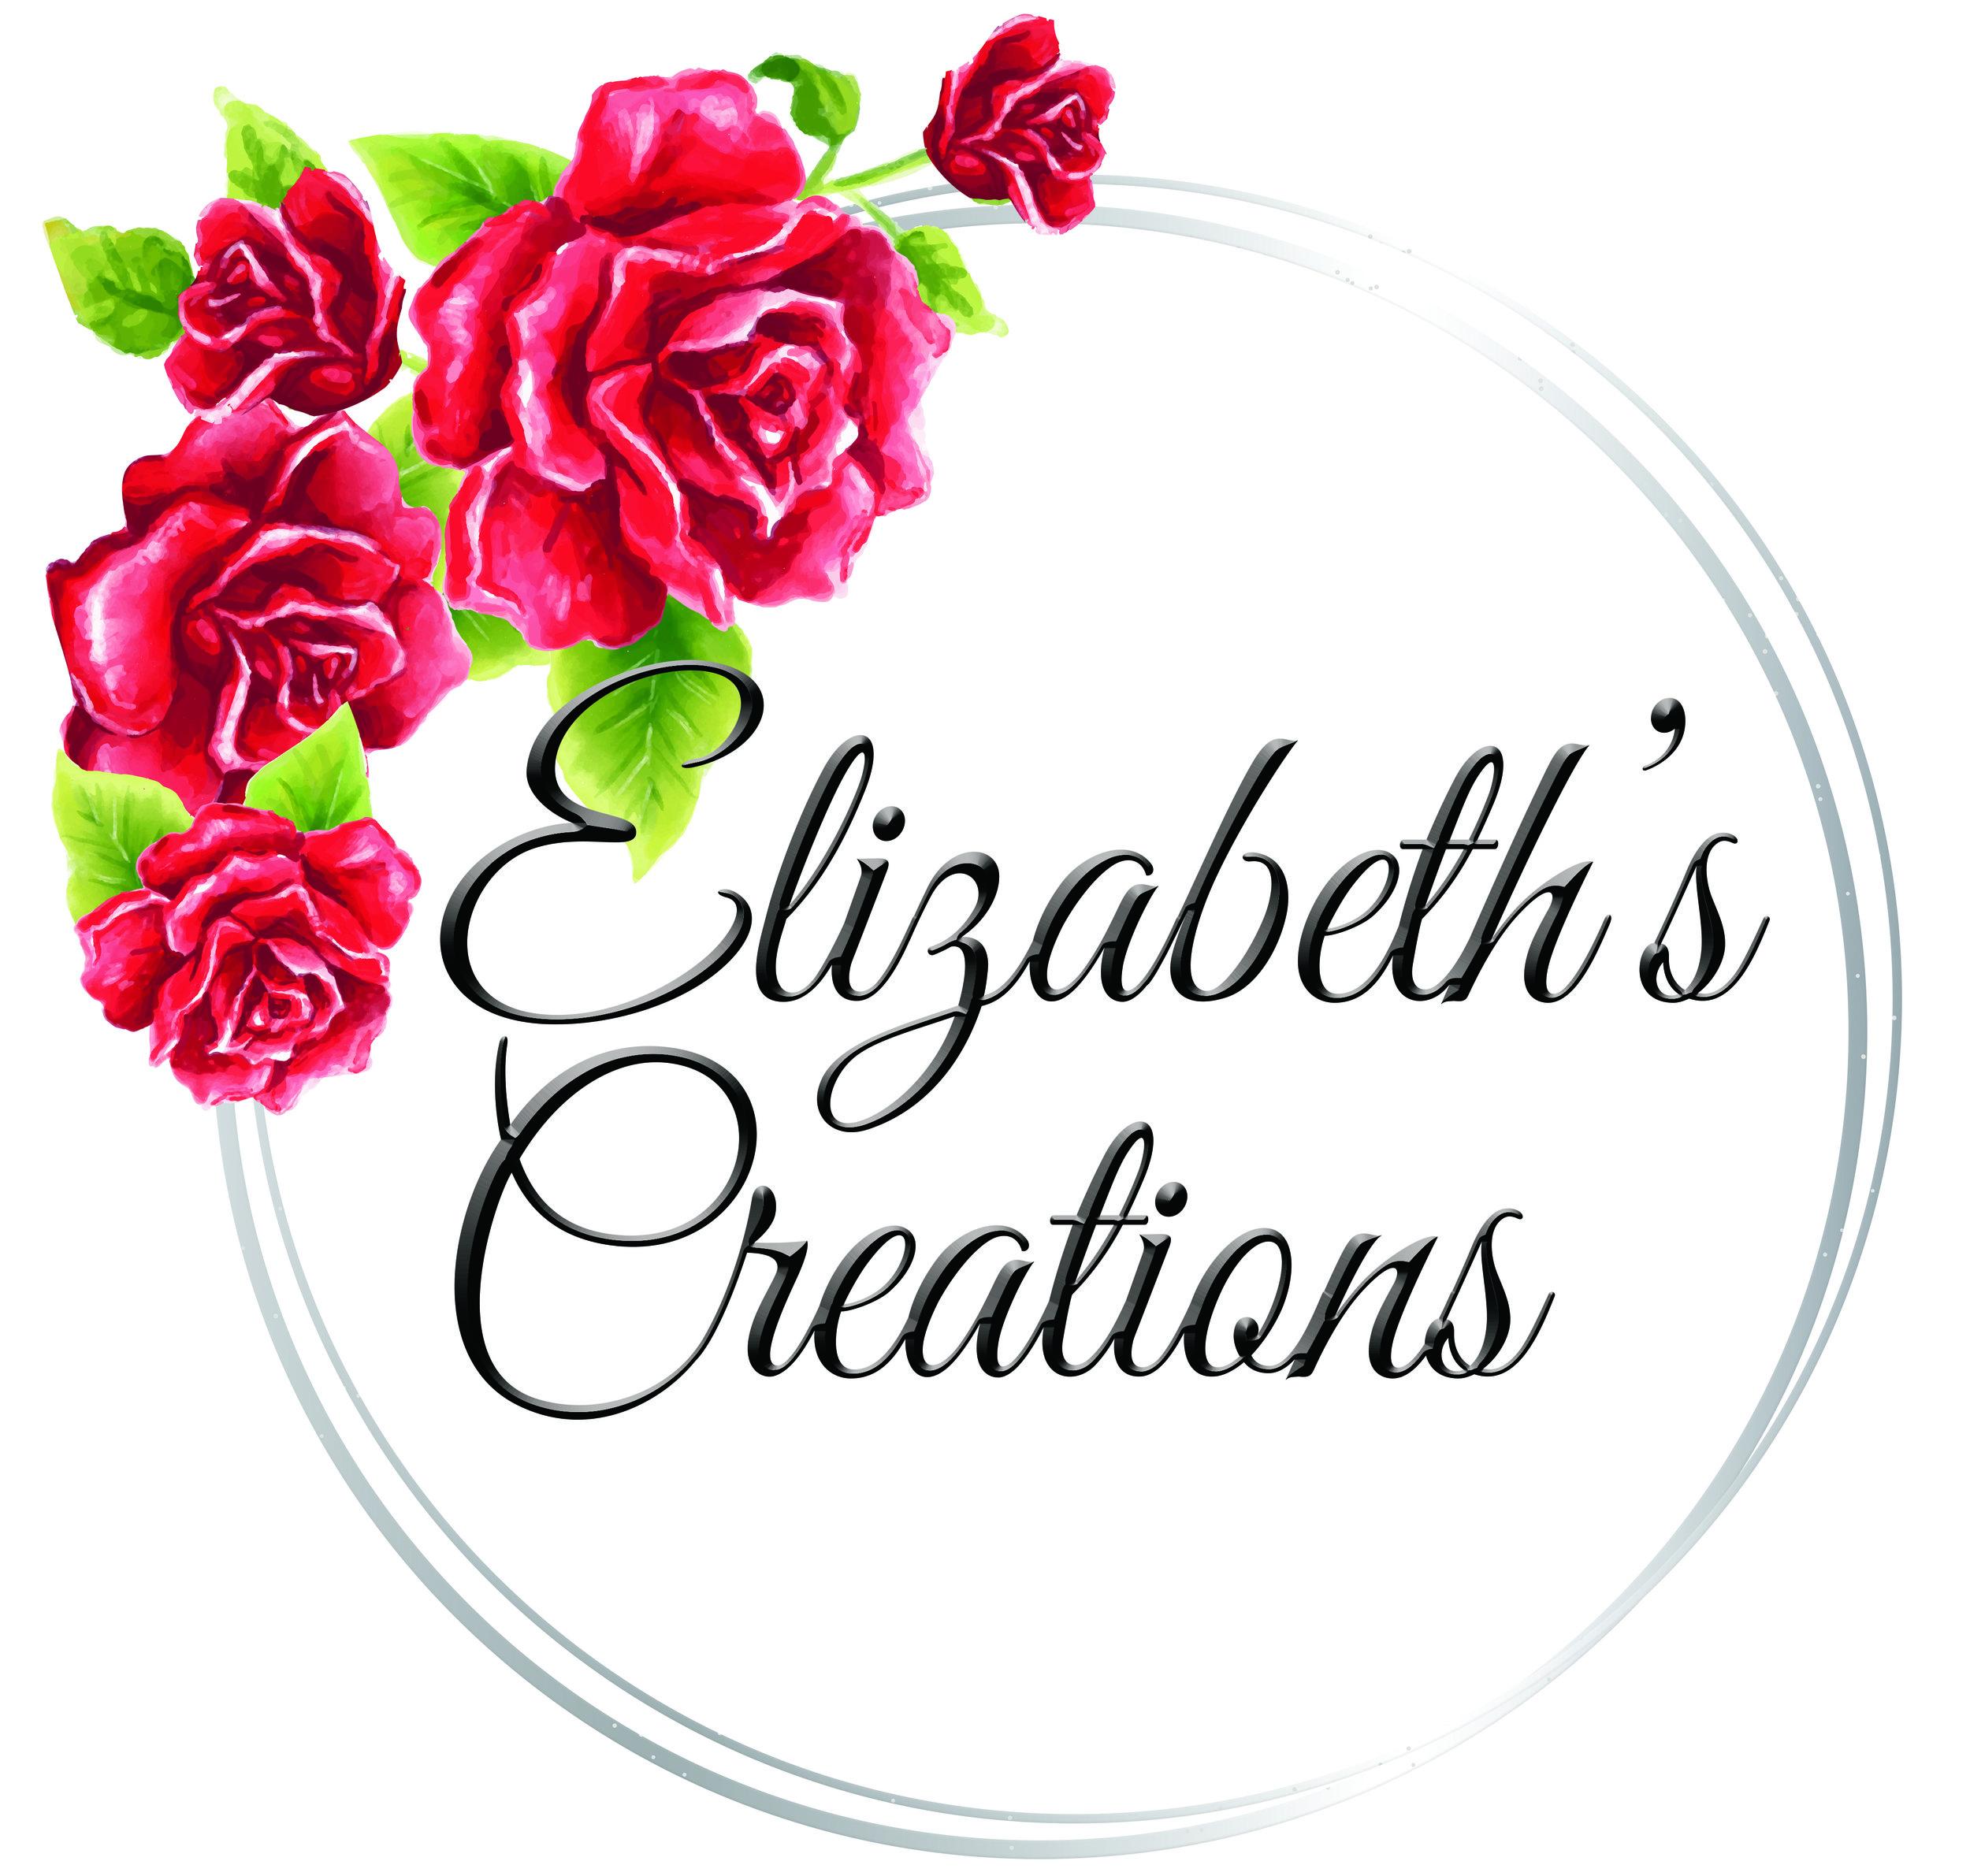 Elizabeths Creations logo final  cmyk.jpg